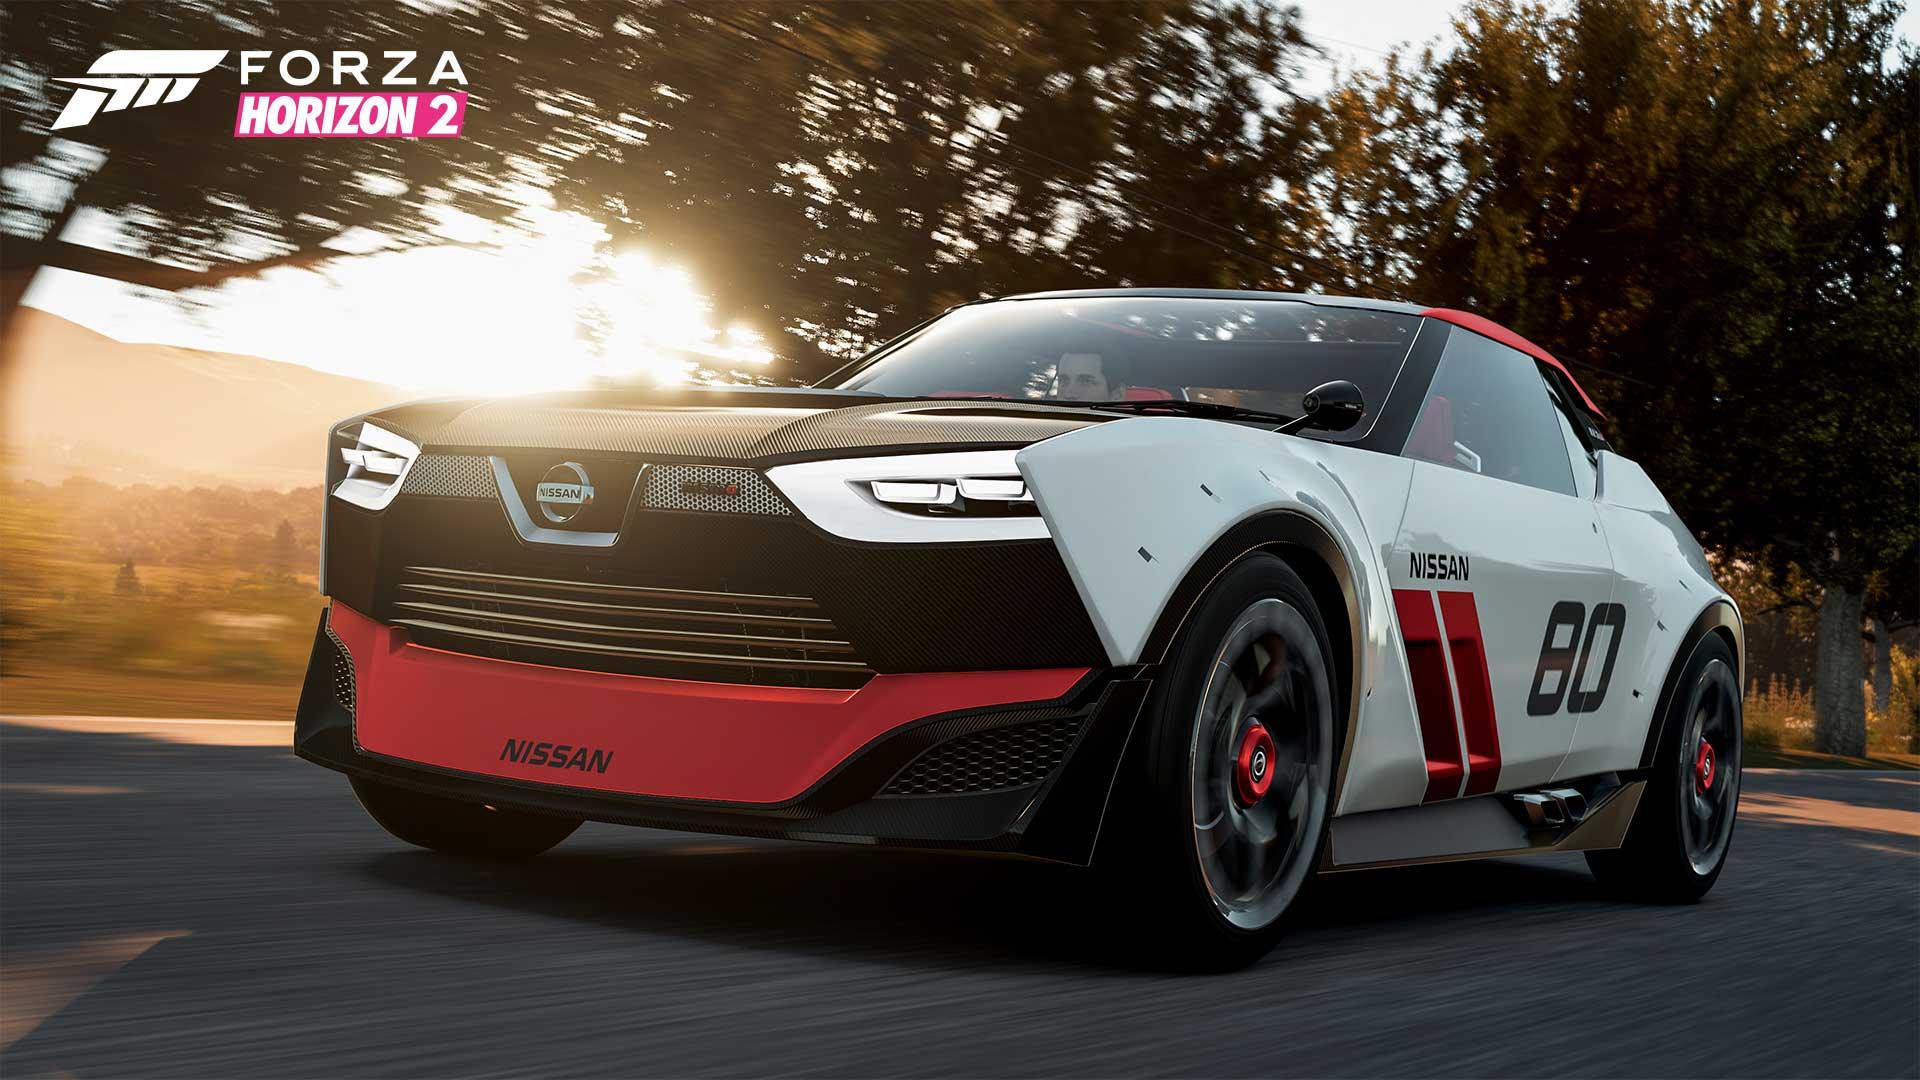 Forza-Horizon-2-(5)